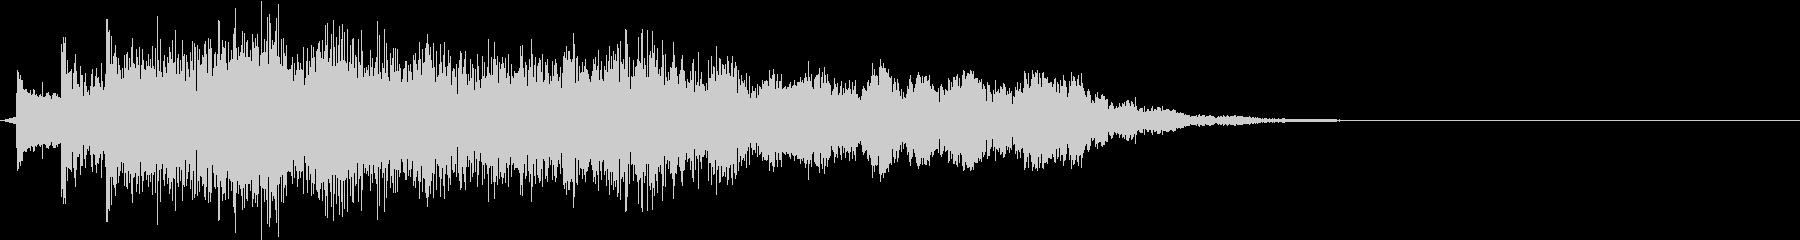 チュカーンー(サウンドロゴ、ゲーム)の未再生の波形